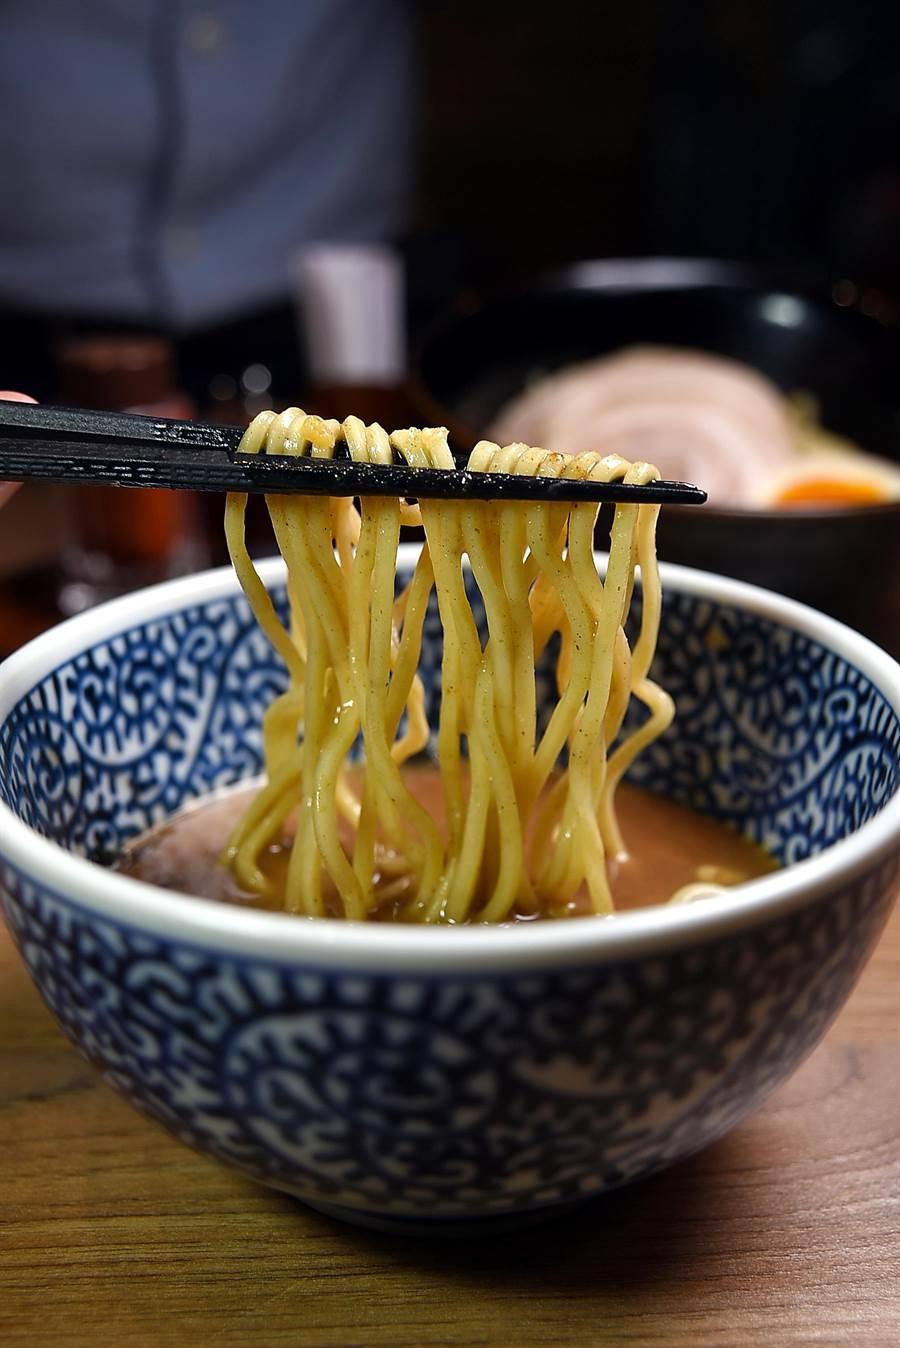 〈豚骨魚介沾麵〉的沾醬是用豚骨和4種魚乾熬煮濃縮製成,味道非常香濃醇厚。(圖/姚舜攝)